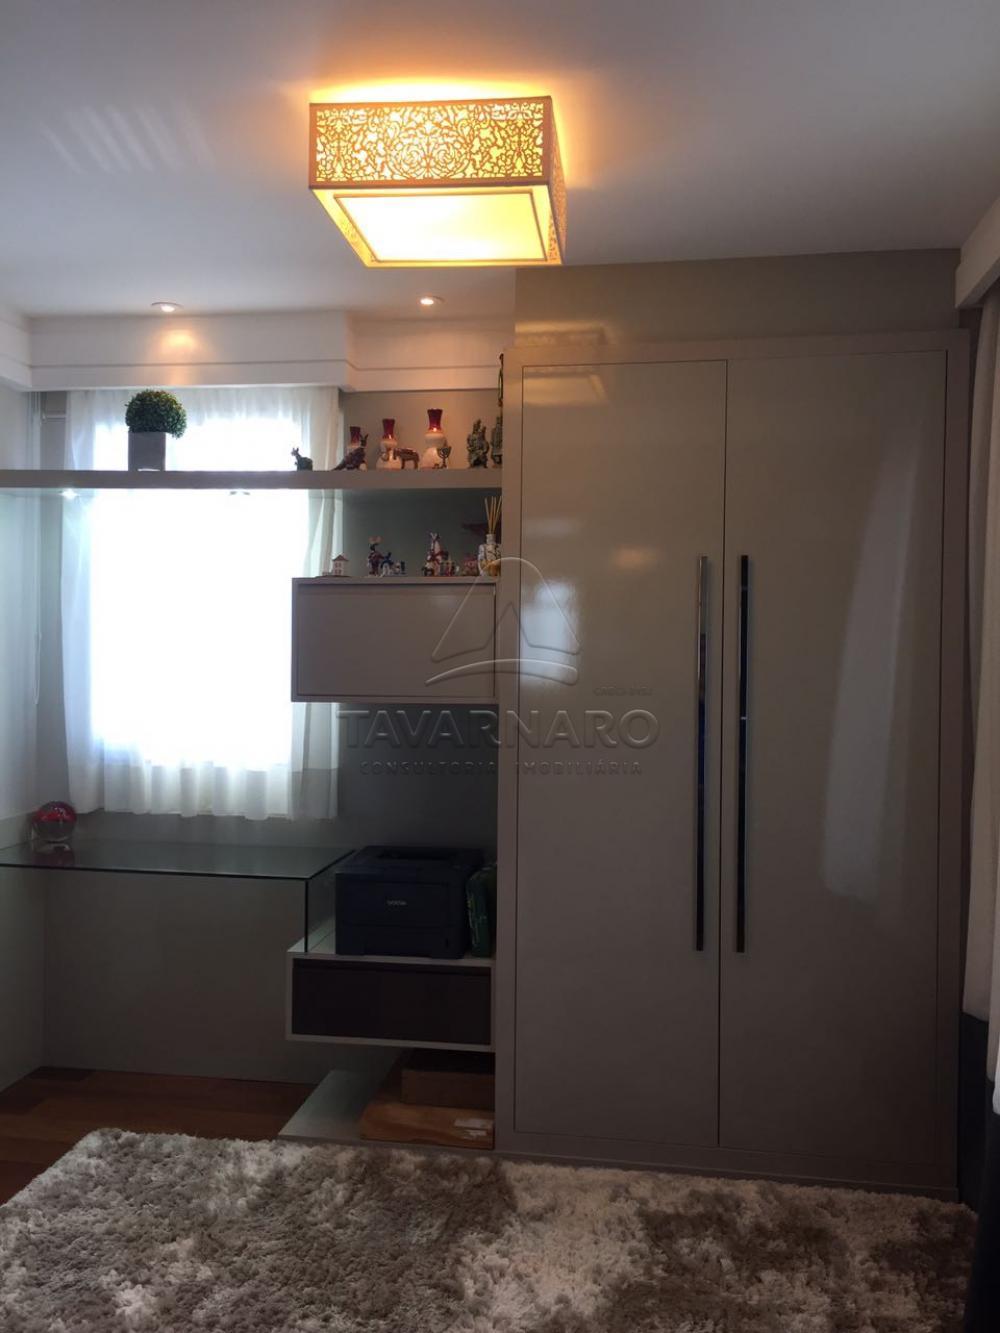 Comprar Apartamento / Padrão em Ponta Grossa apenas R$ 795.000,00 - Foto 12